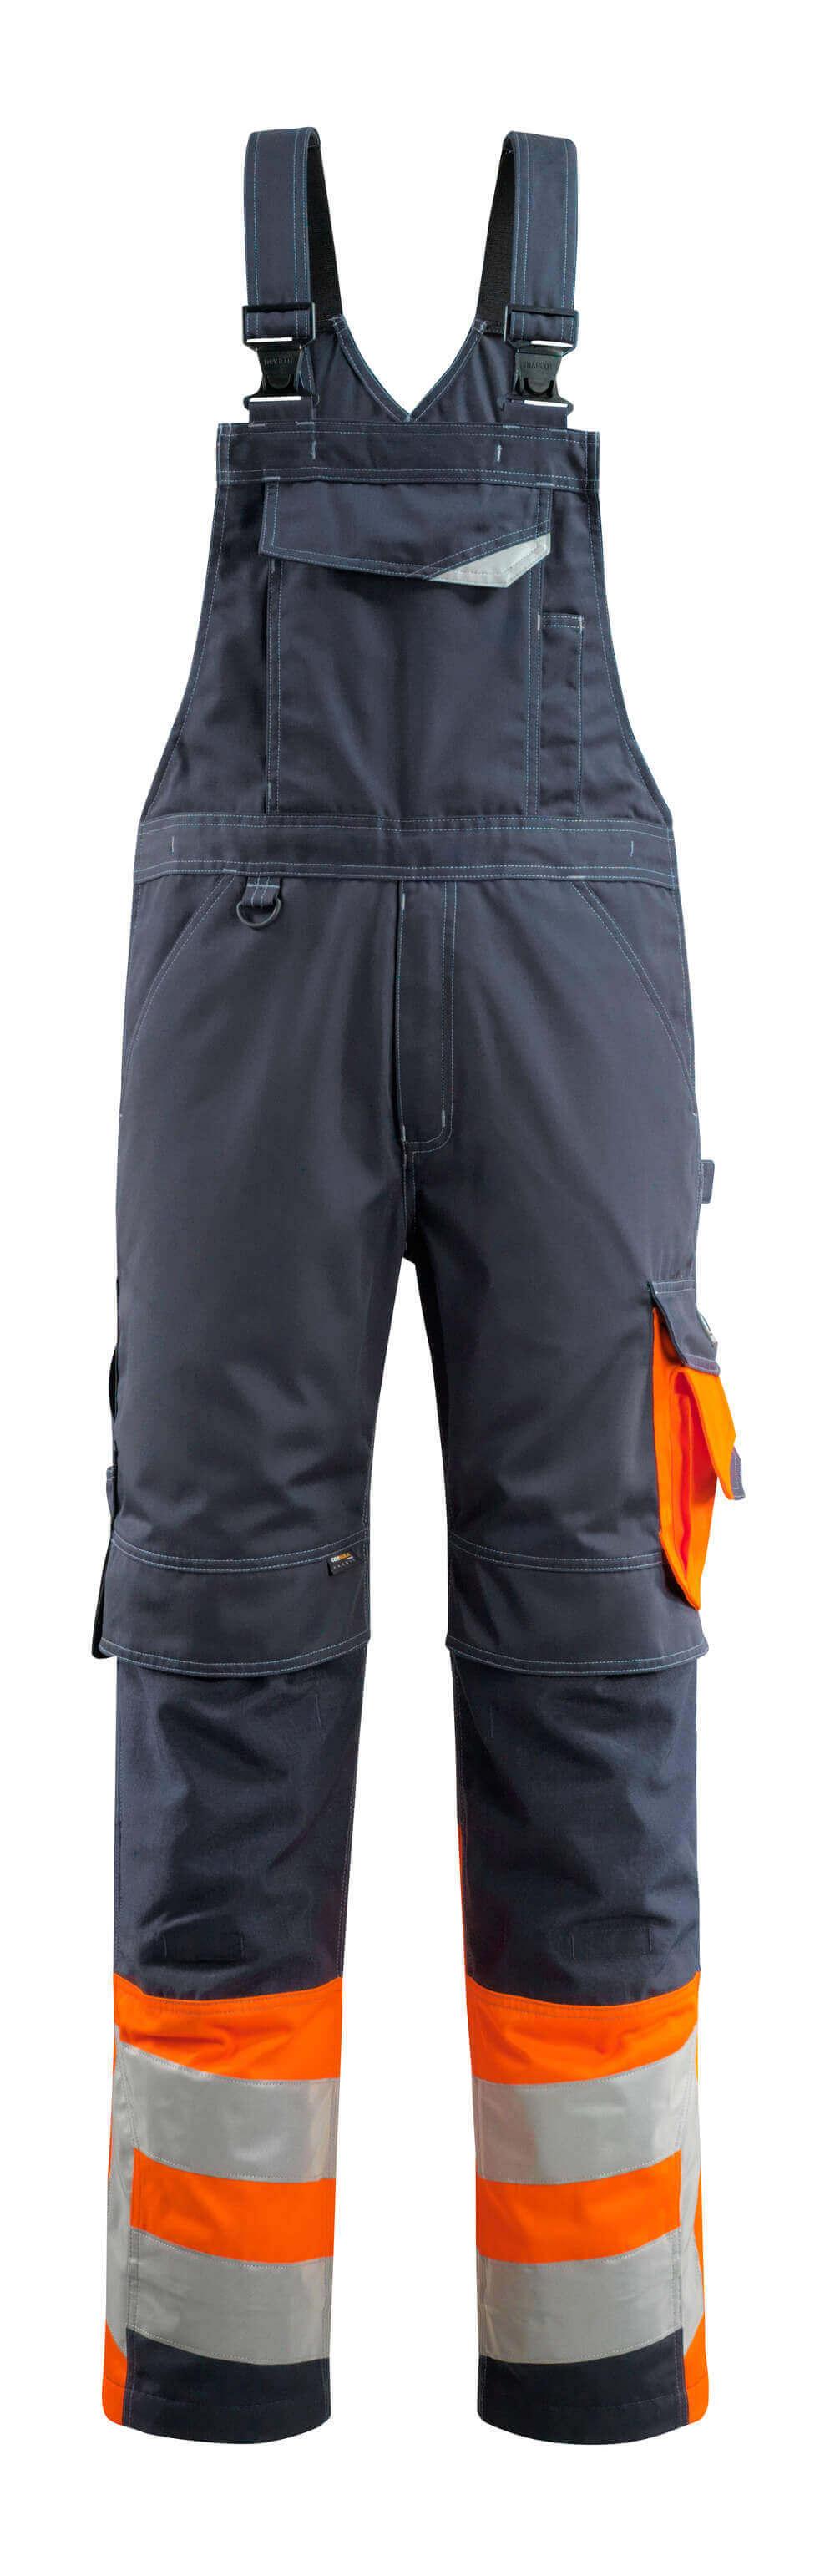 15669-860-01014 Arbeitslatzhose - Schwarzblau/hi-vis Orange